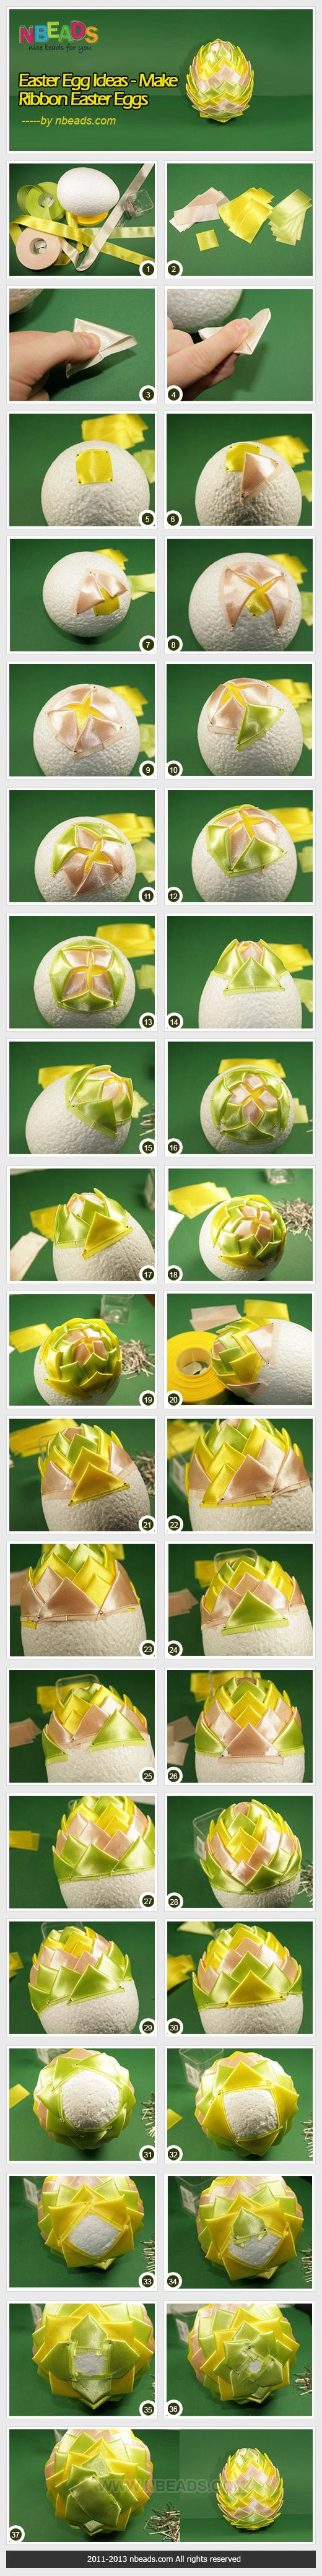 Easter Egg Ideas - Make Ribbon Easter Eggs